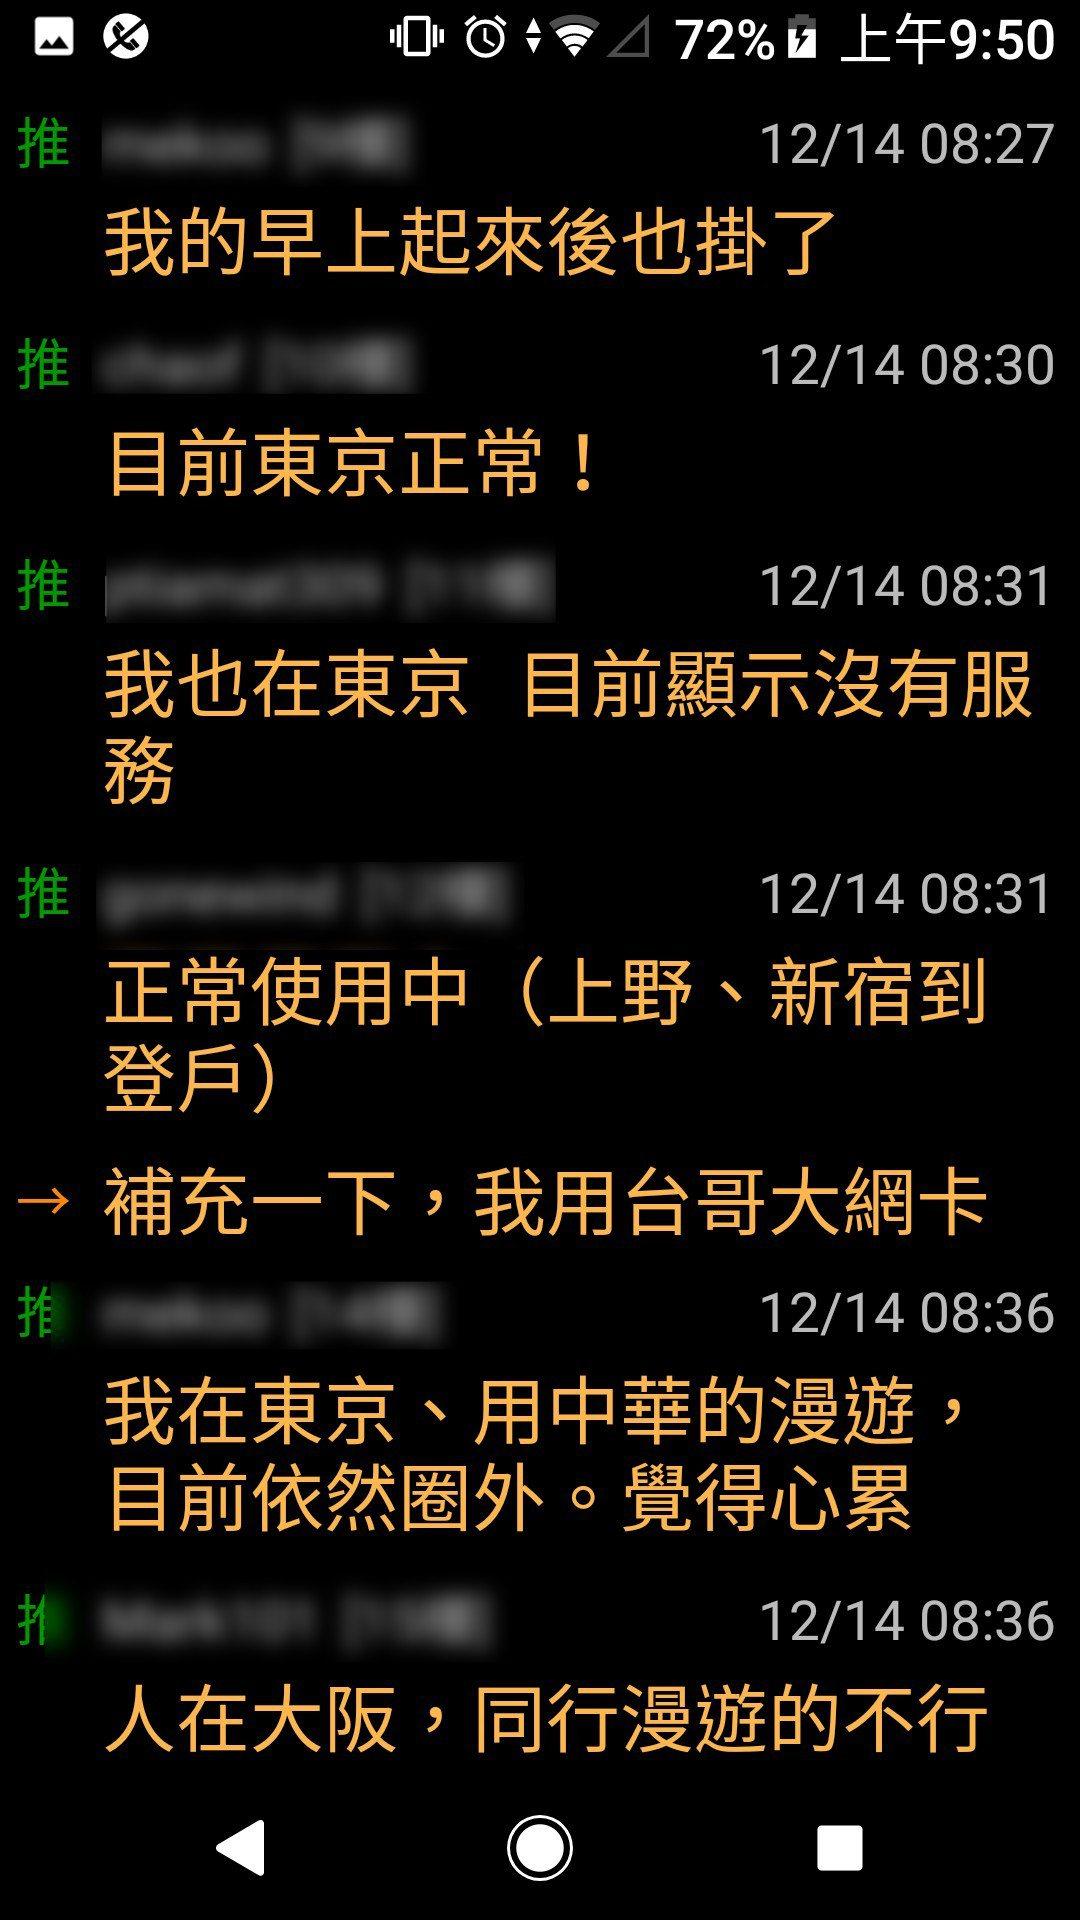 中華電信日本漫遊服務,今天清晨開始傳出斷線狀況,網友也陸續在PTT上回報「災情」...